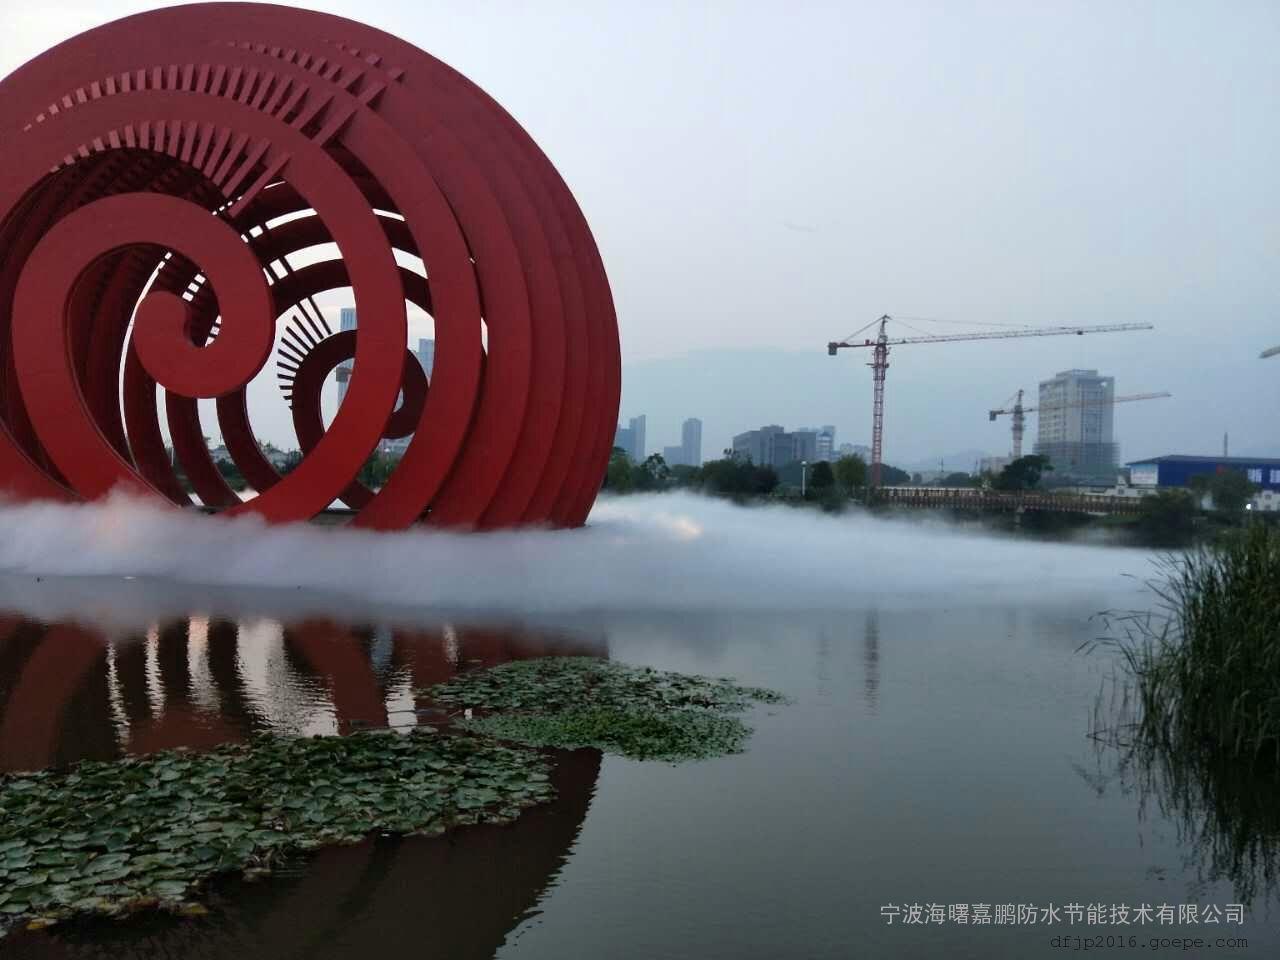 绍兴喷雾景观工程-静音景观造雾设备-景区园林工程造价